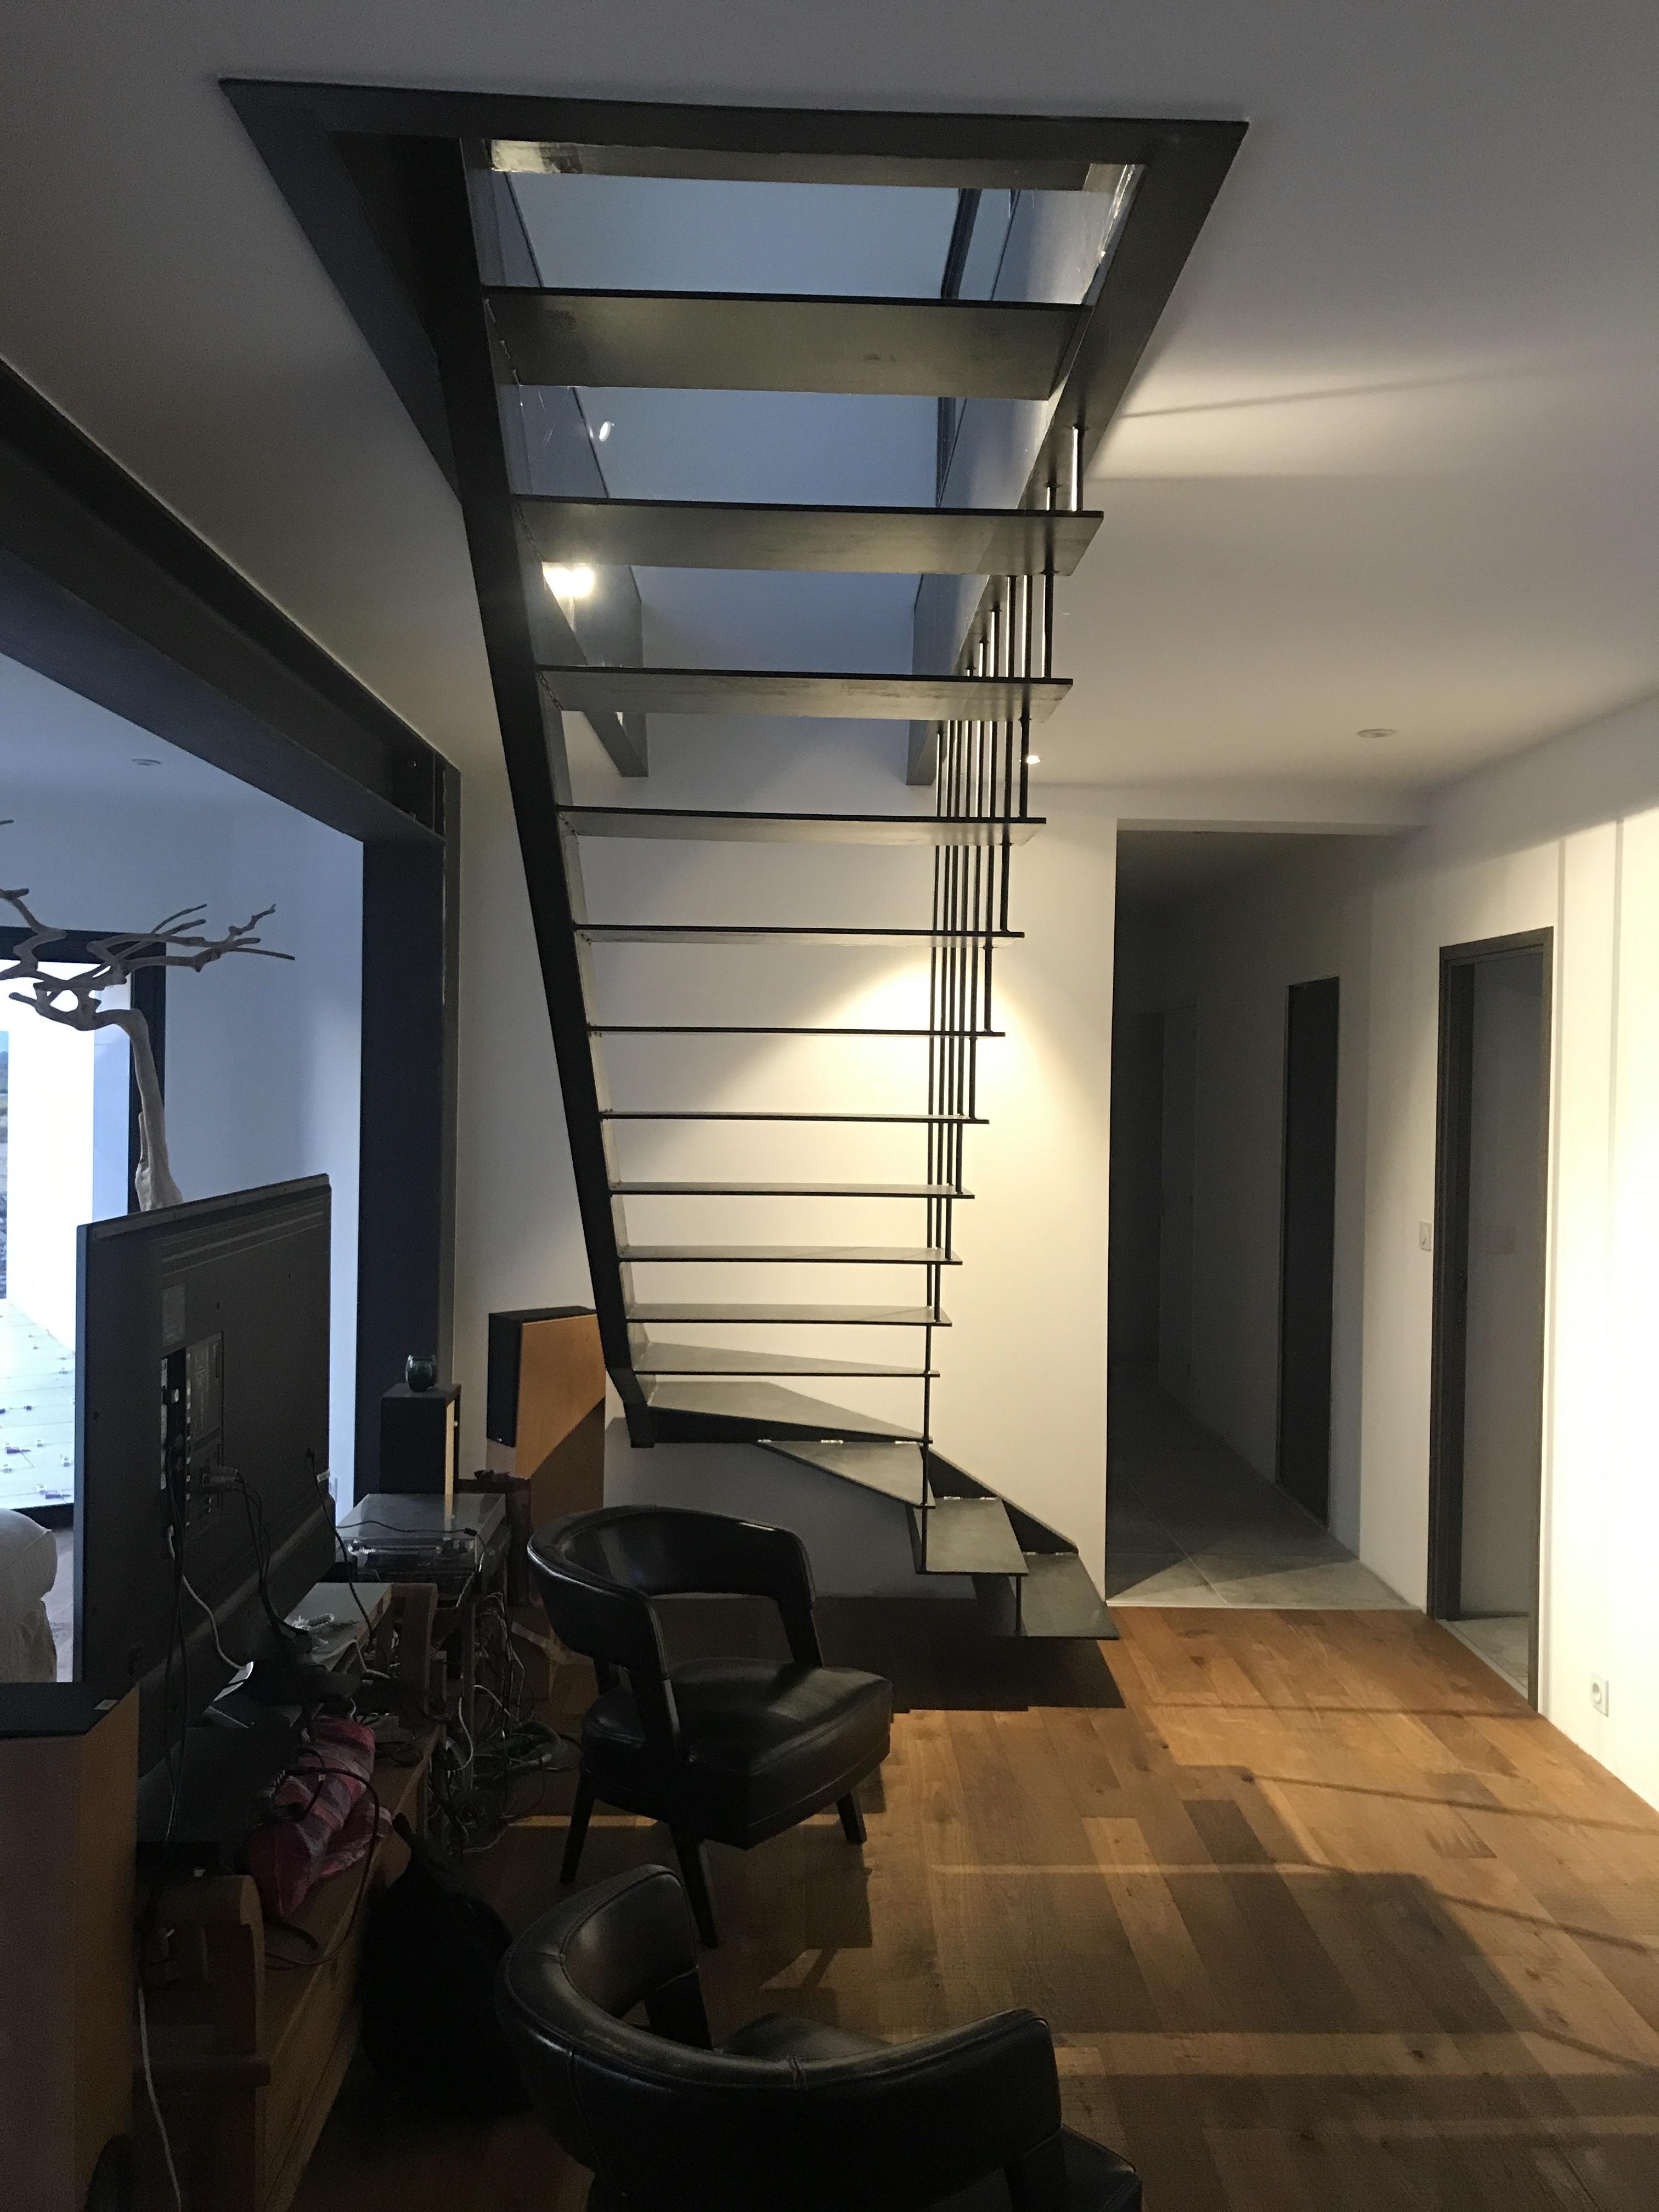 Escalier m tallique int rieur quart tournant dans le gard - Escalier interieur quart tournant ...